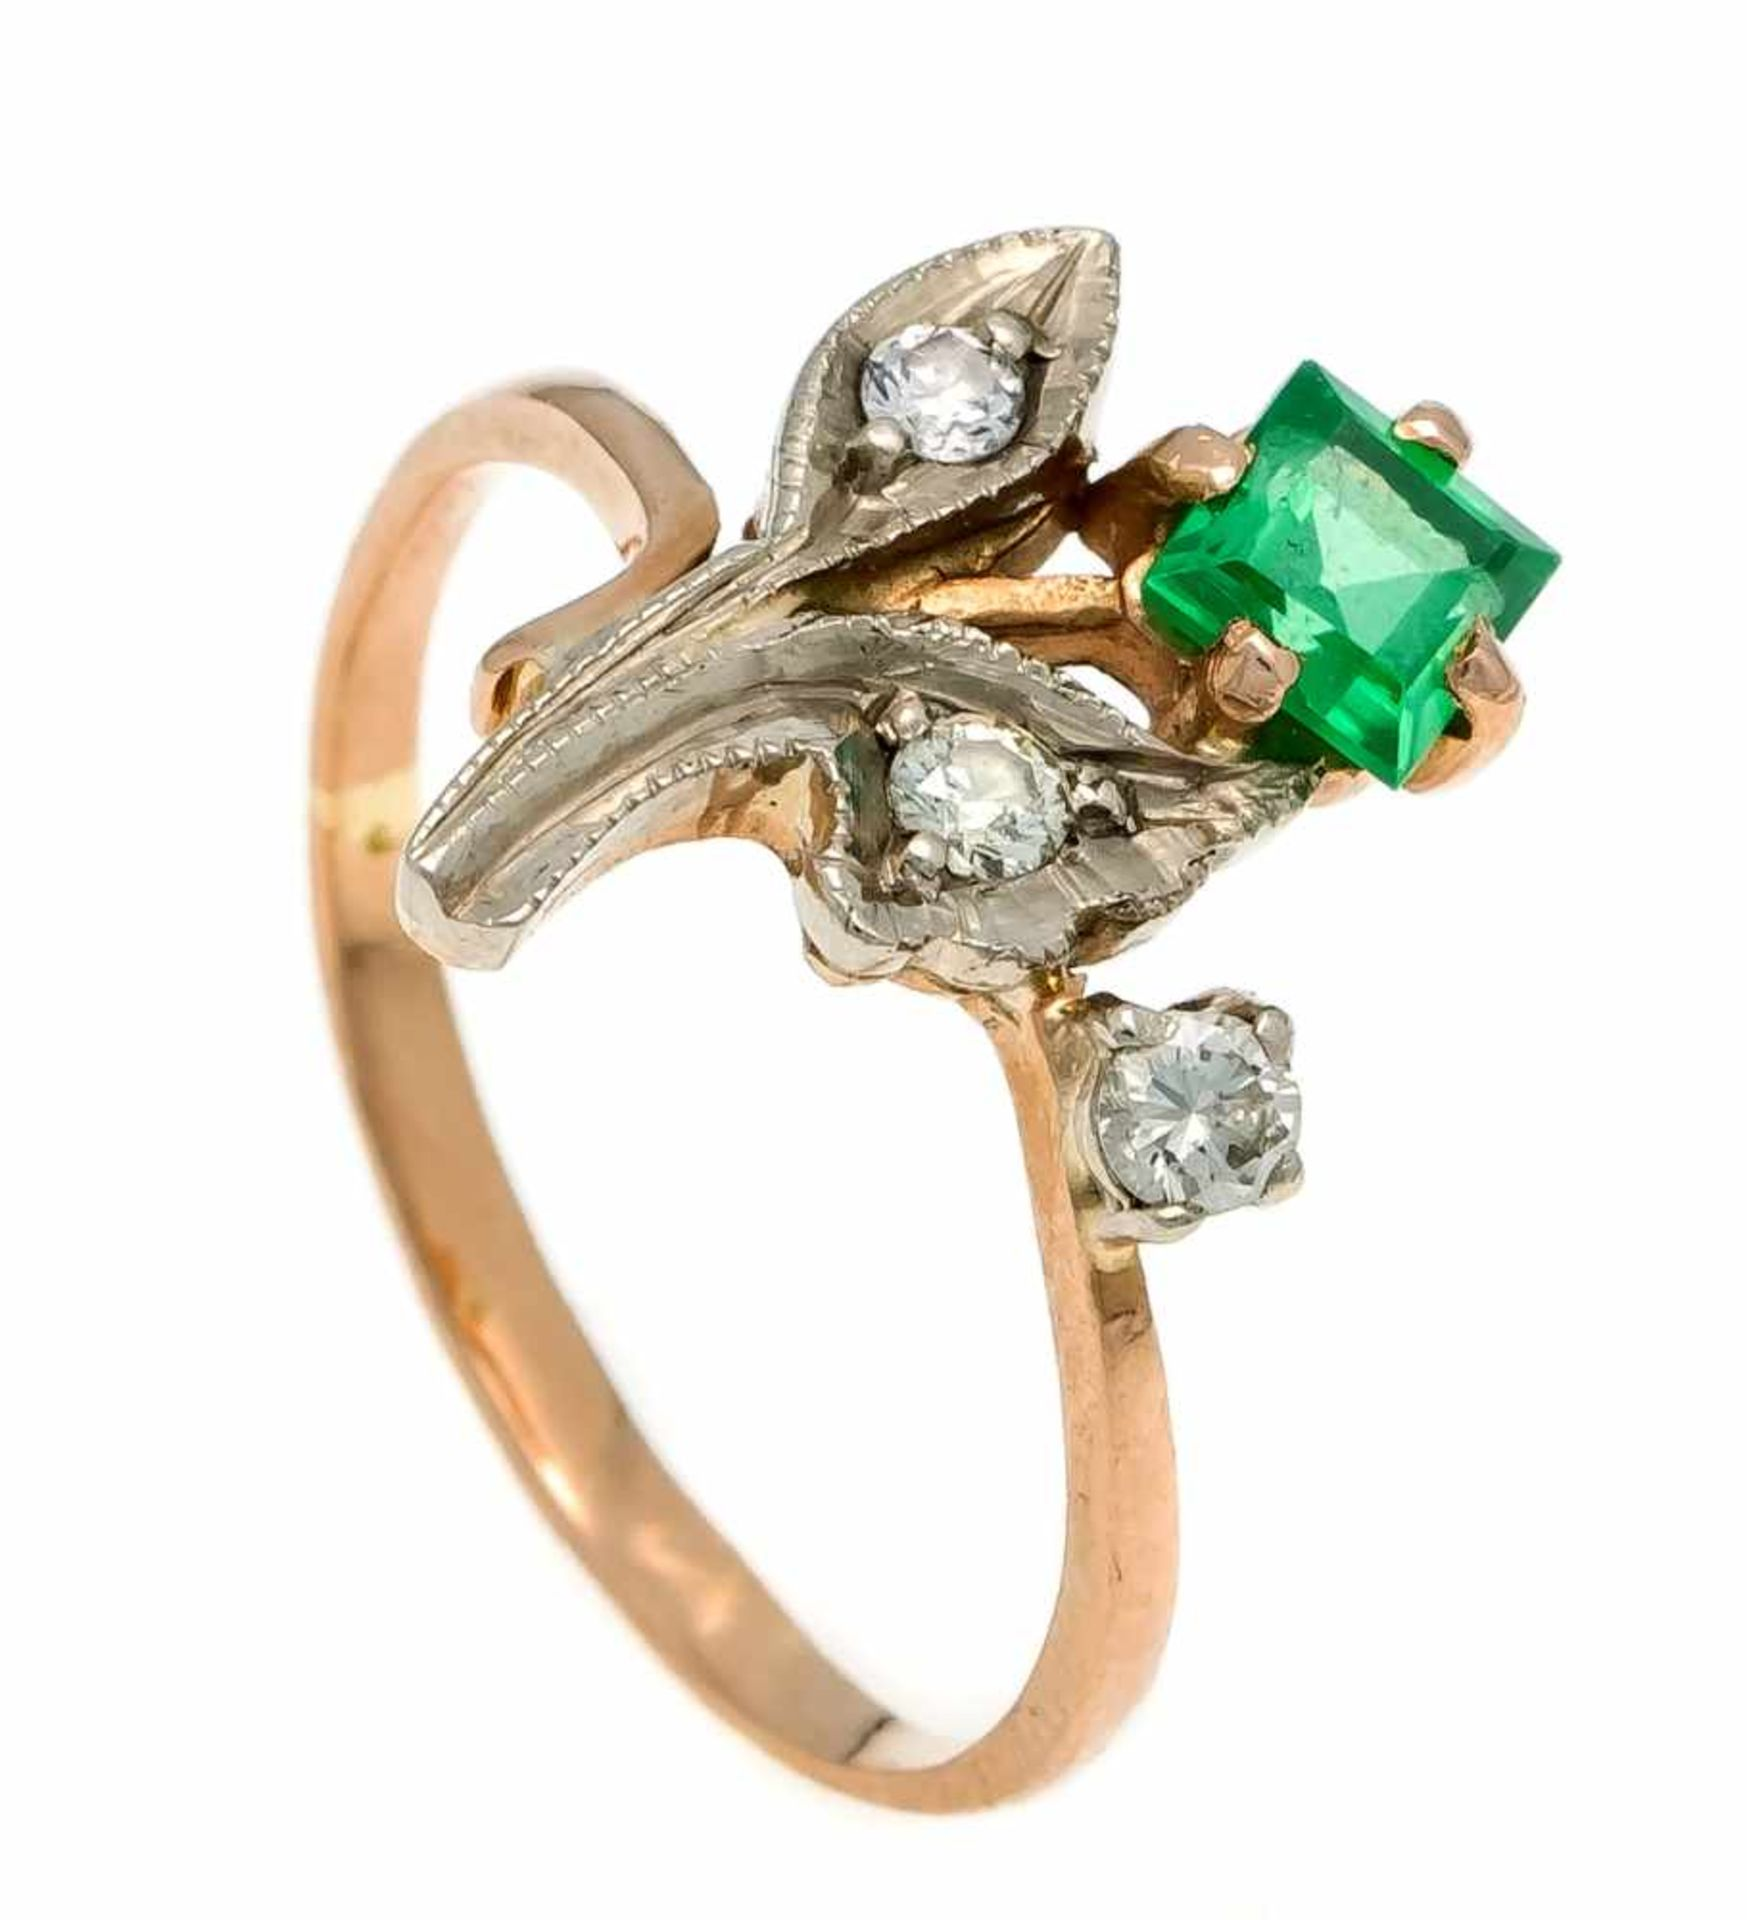 Russicher Edelstein-Brillant-Ring RG 583/000 mit einem fac. grünen Edelstein-Carrée 4 x 4 mm und 3